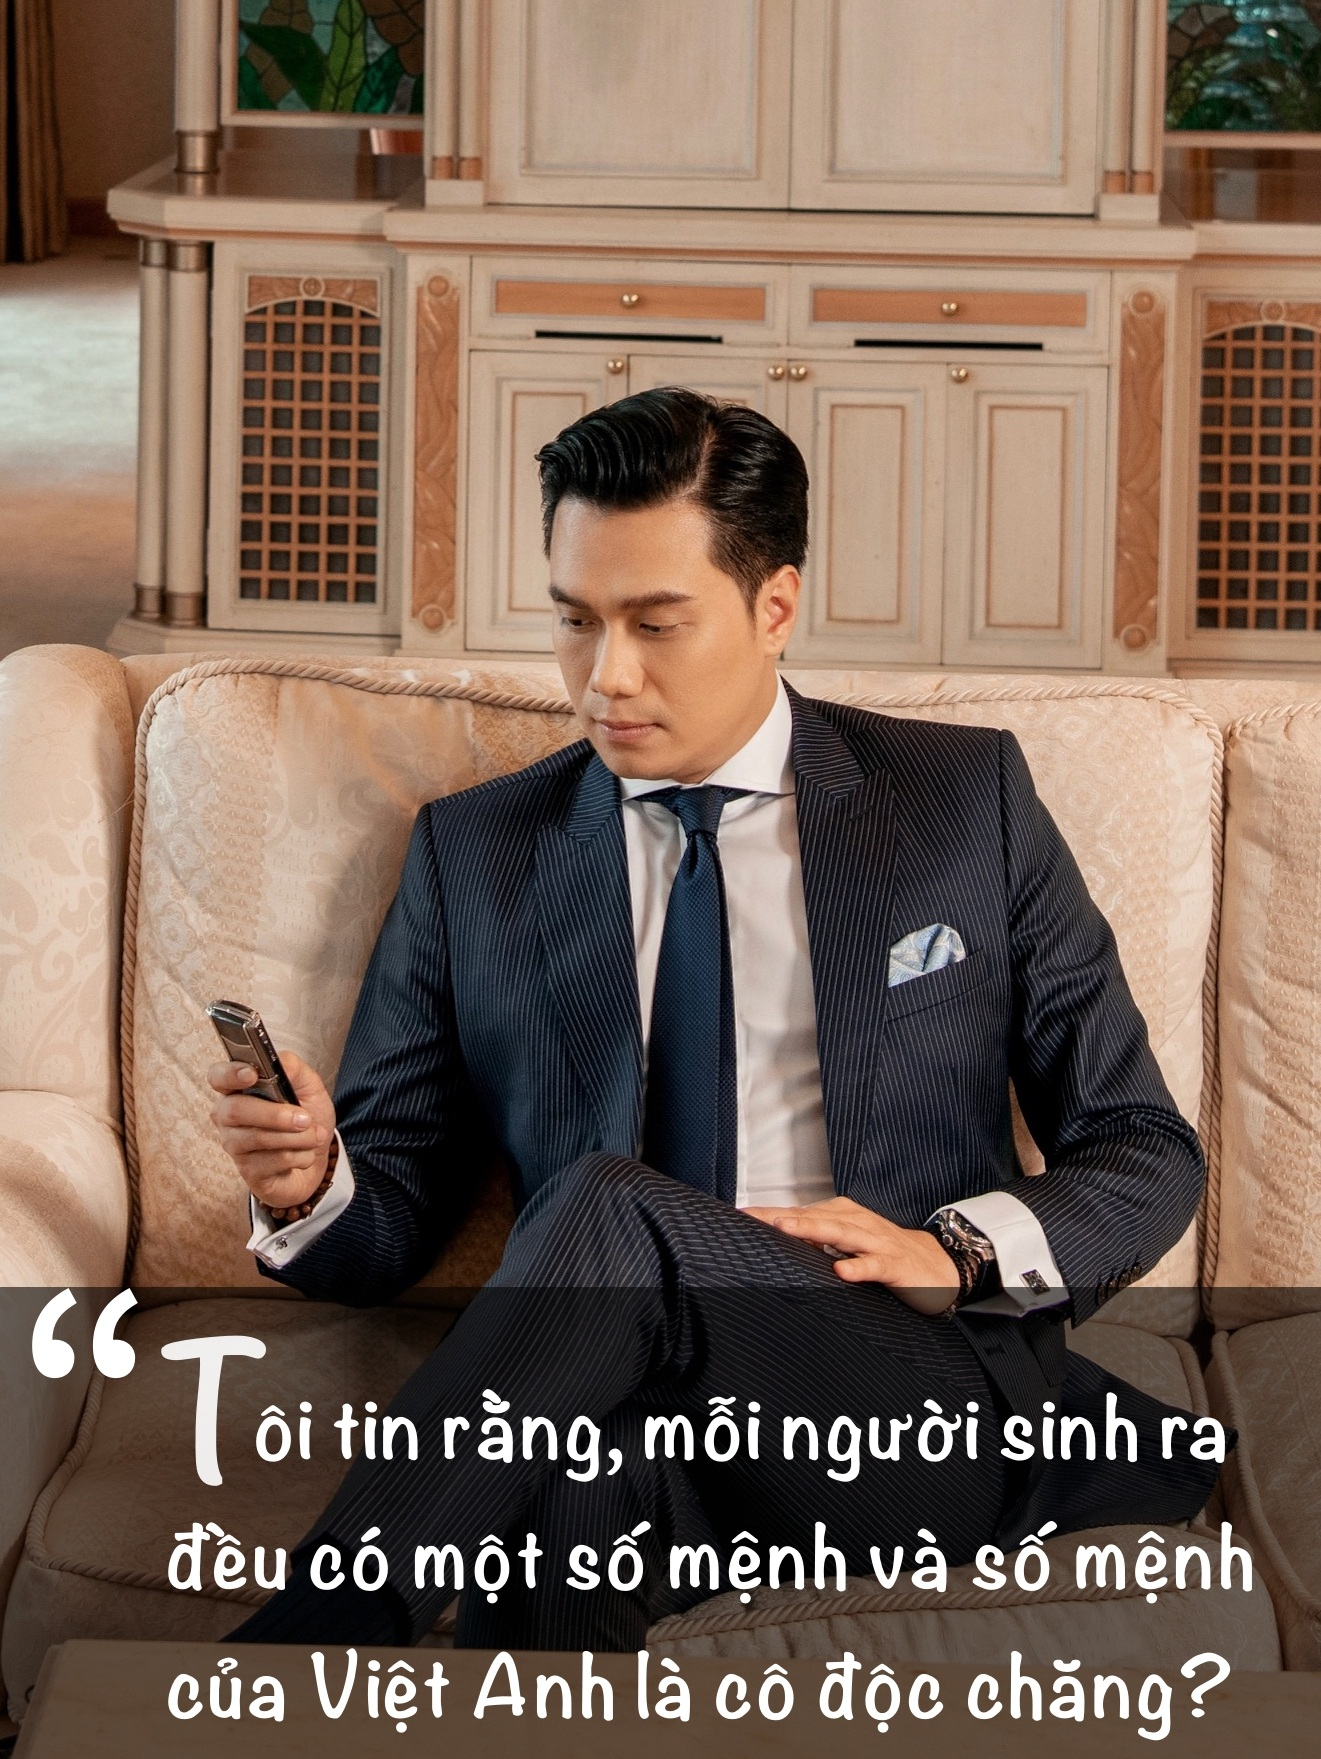 Diễn viên Việt Anh và vợ cũ chính thức phủ nhận ly hôn vì người thứ 3 - 10